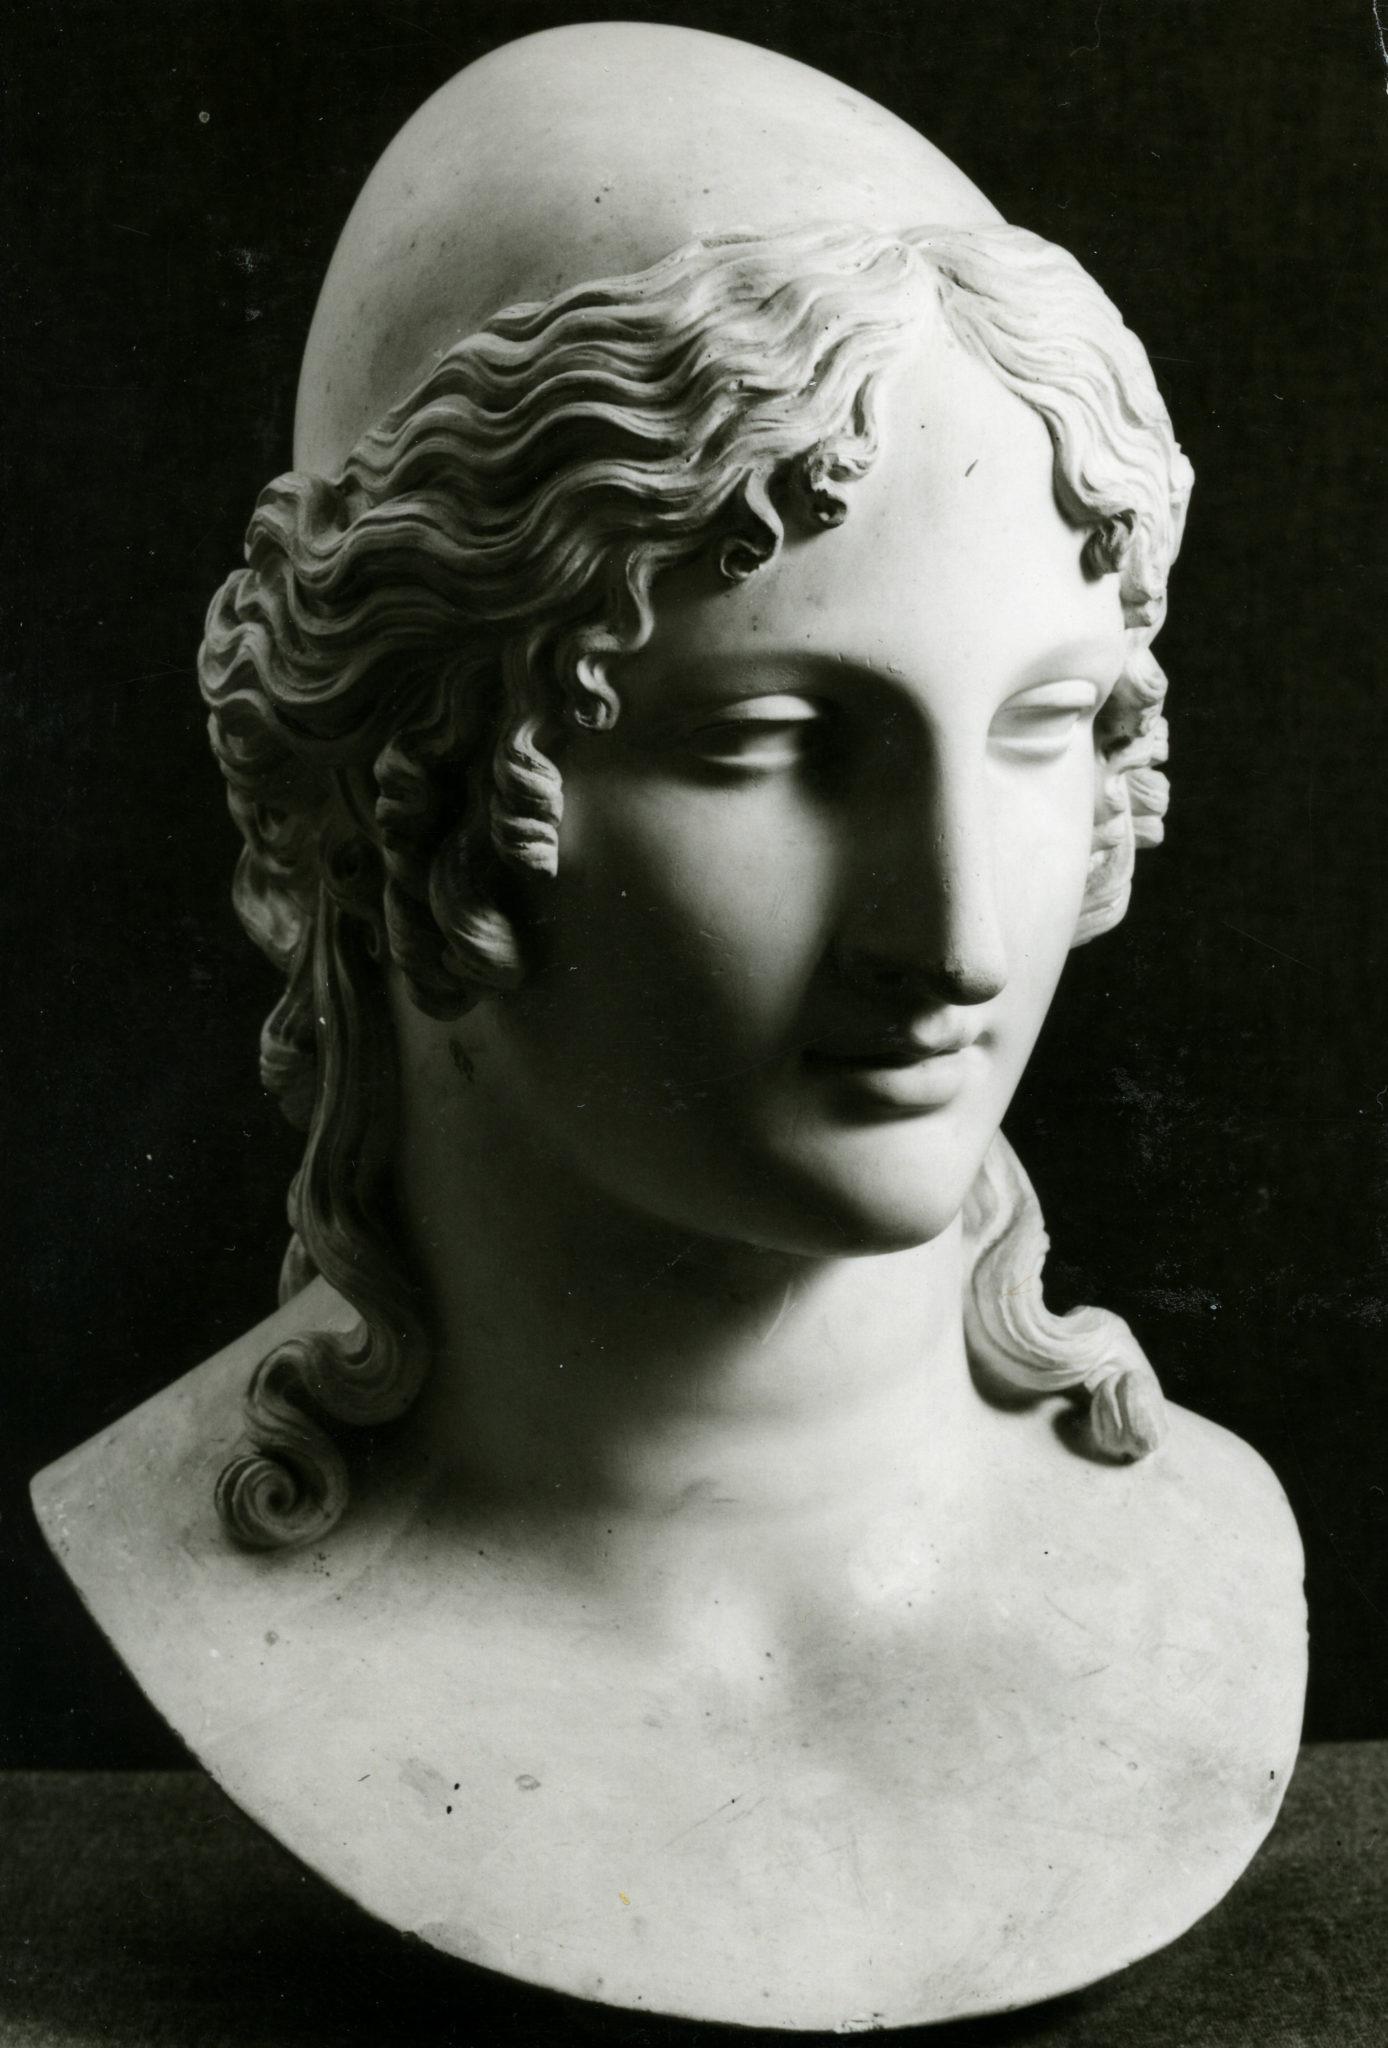 Antonio Canova Testa ideale di Elena 1816-1817 calco in gesso, 62 cm (h) Bassano del Grappa, Museo-Biblioteca-Archivio, inv. S 58